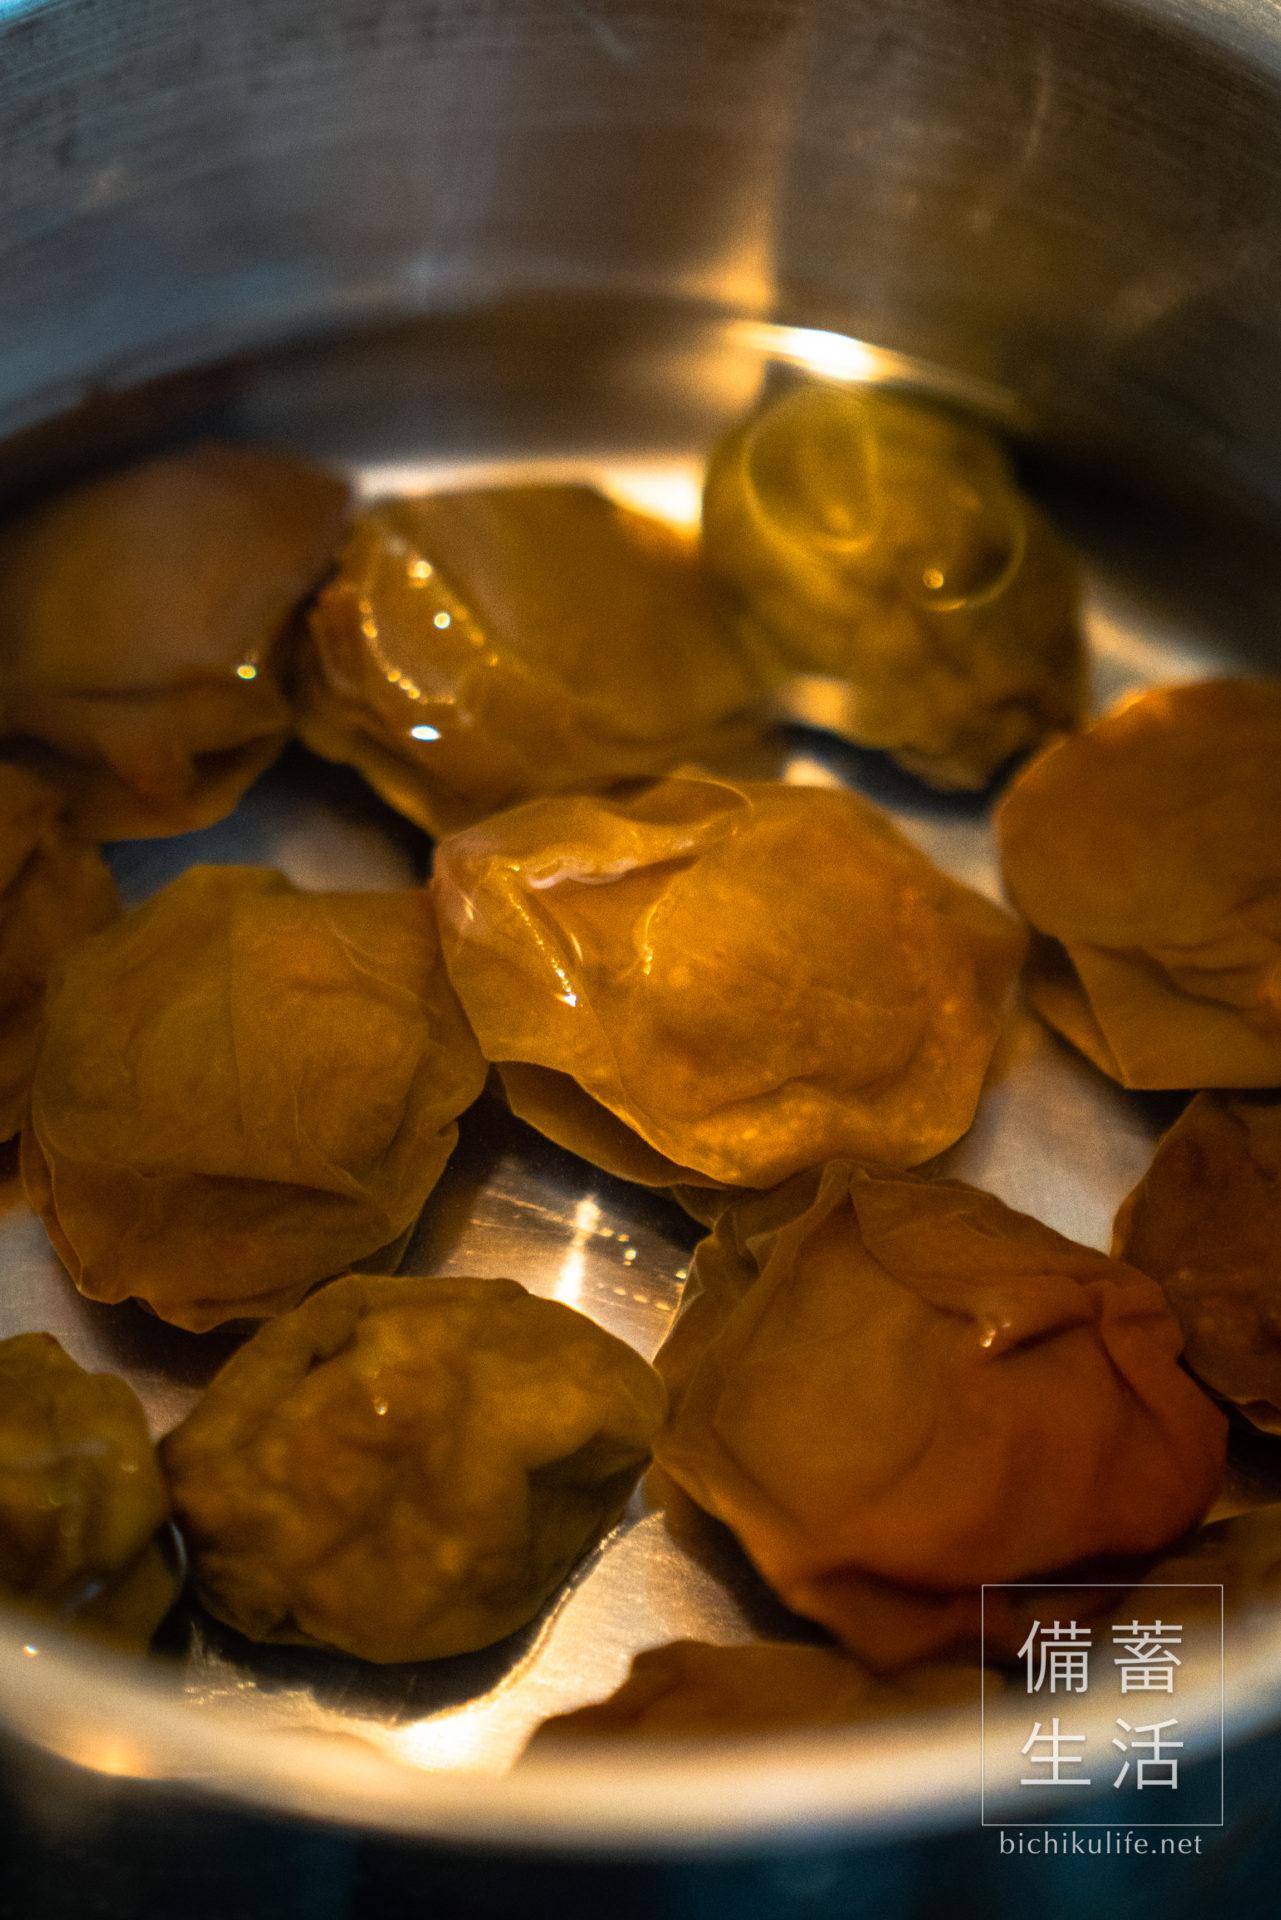 梅ジャムの作り方・レシピ(梅シロップに残った梅で作る)、鍋に梅と水を入れる